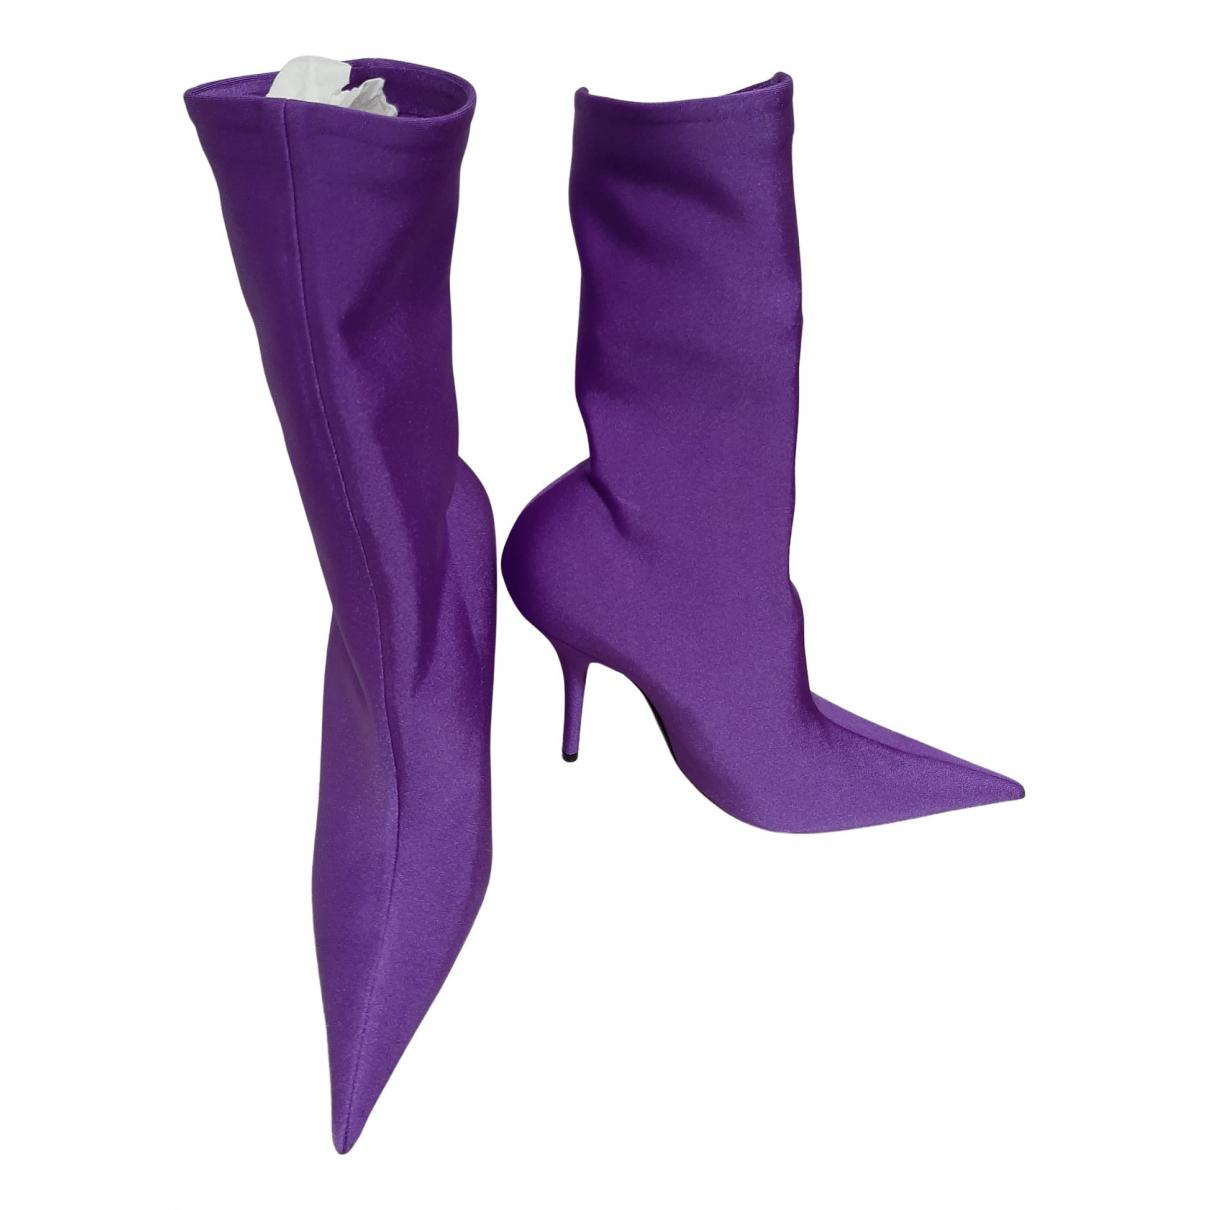 Balenciaga - Boots Knife pour femme - violet